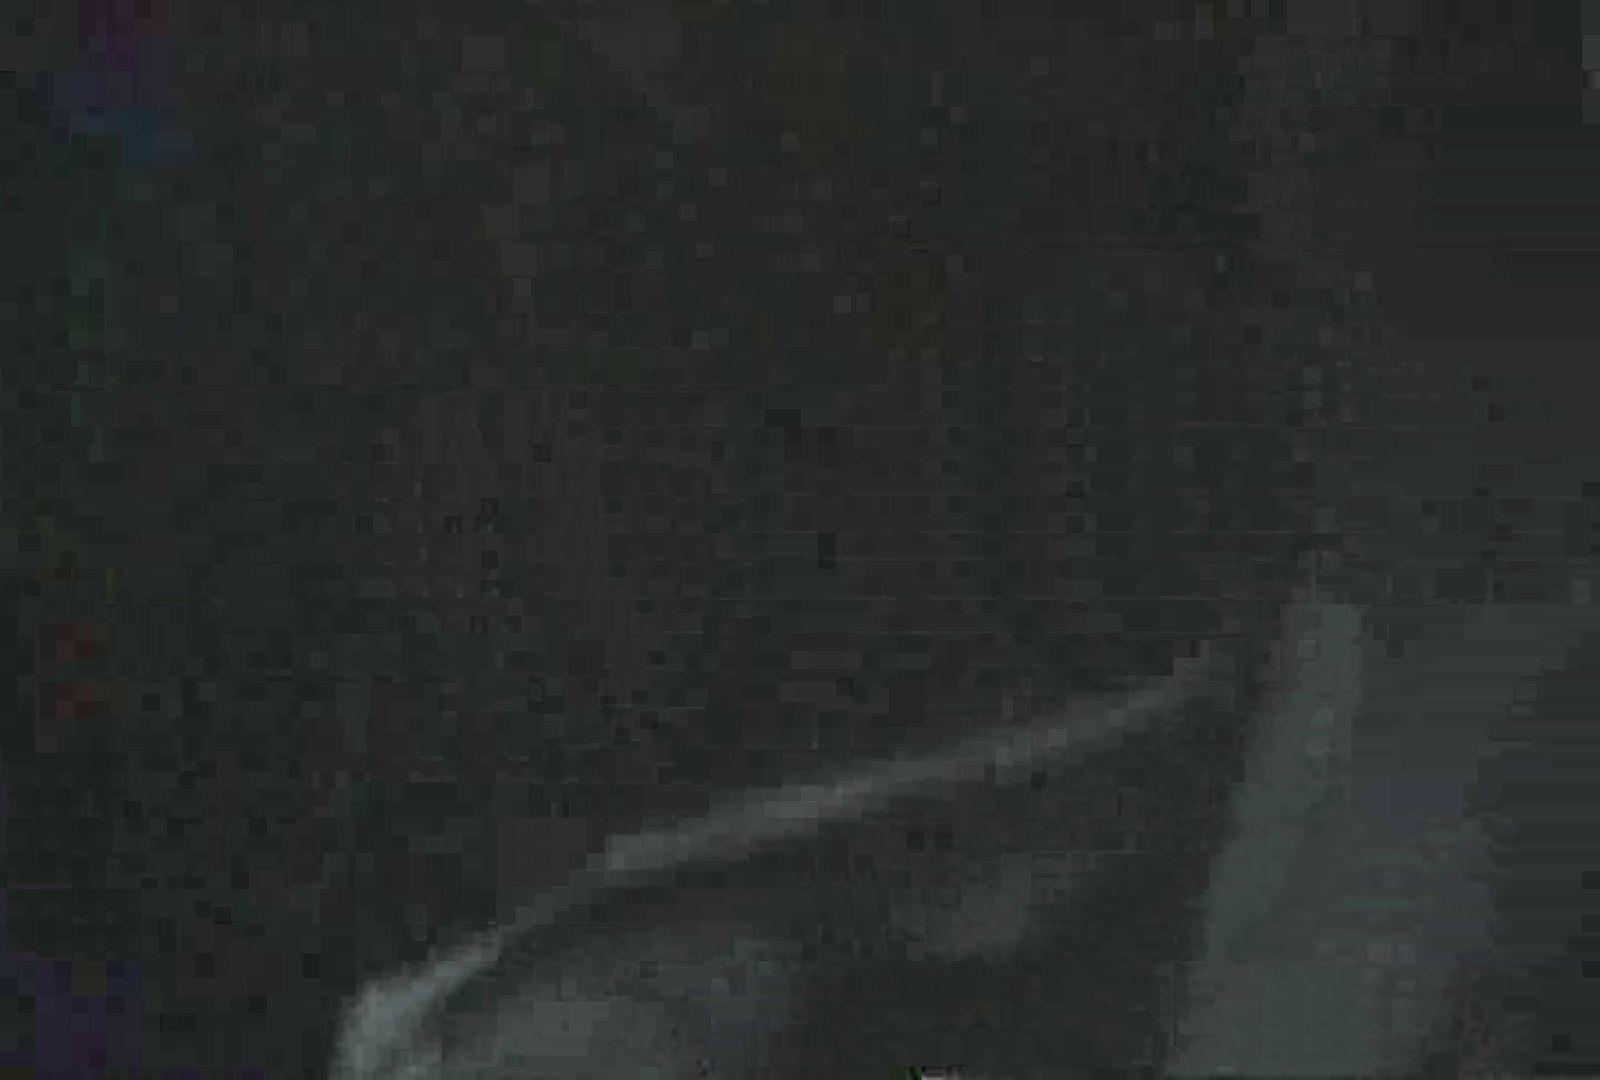 充血監督の深夜の運動会Vol.88 熟女のヌード すけべAV動画紹介 73画像 8